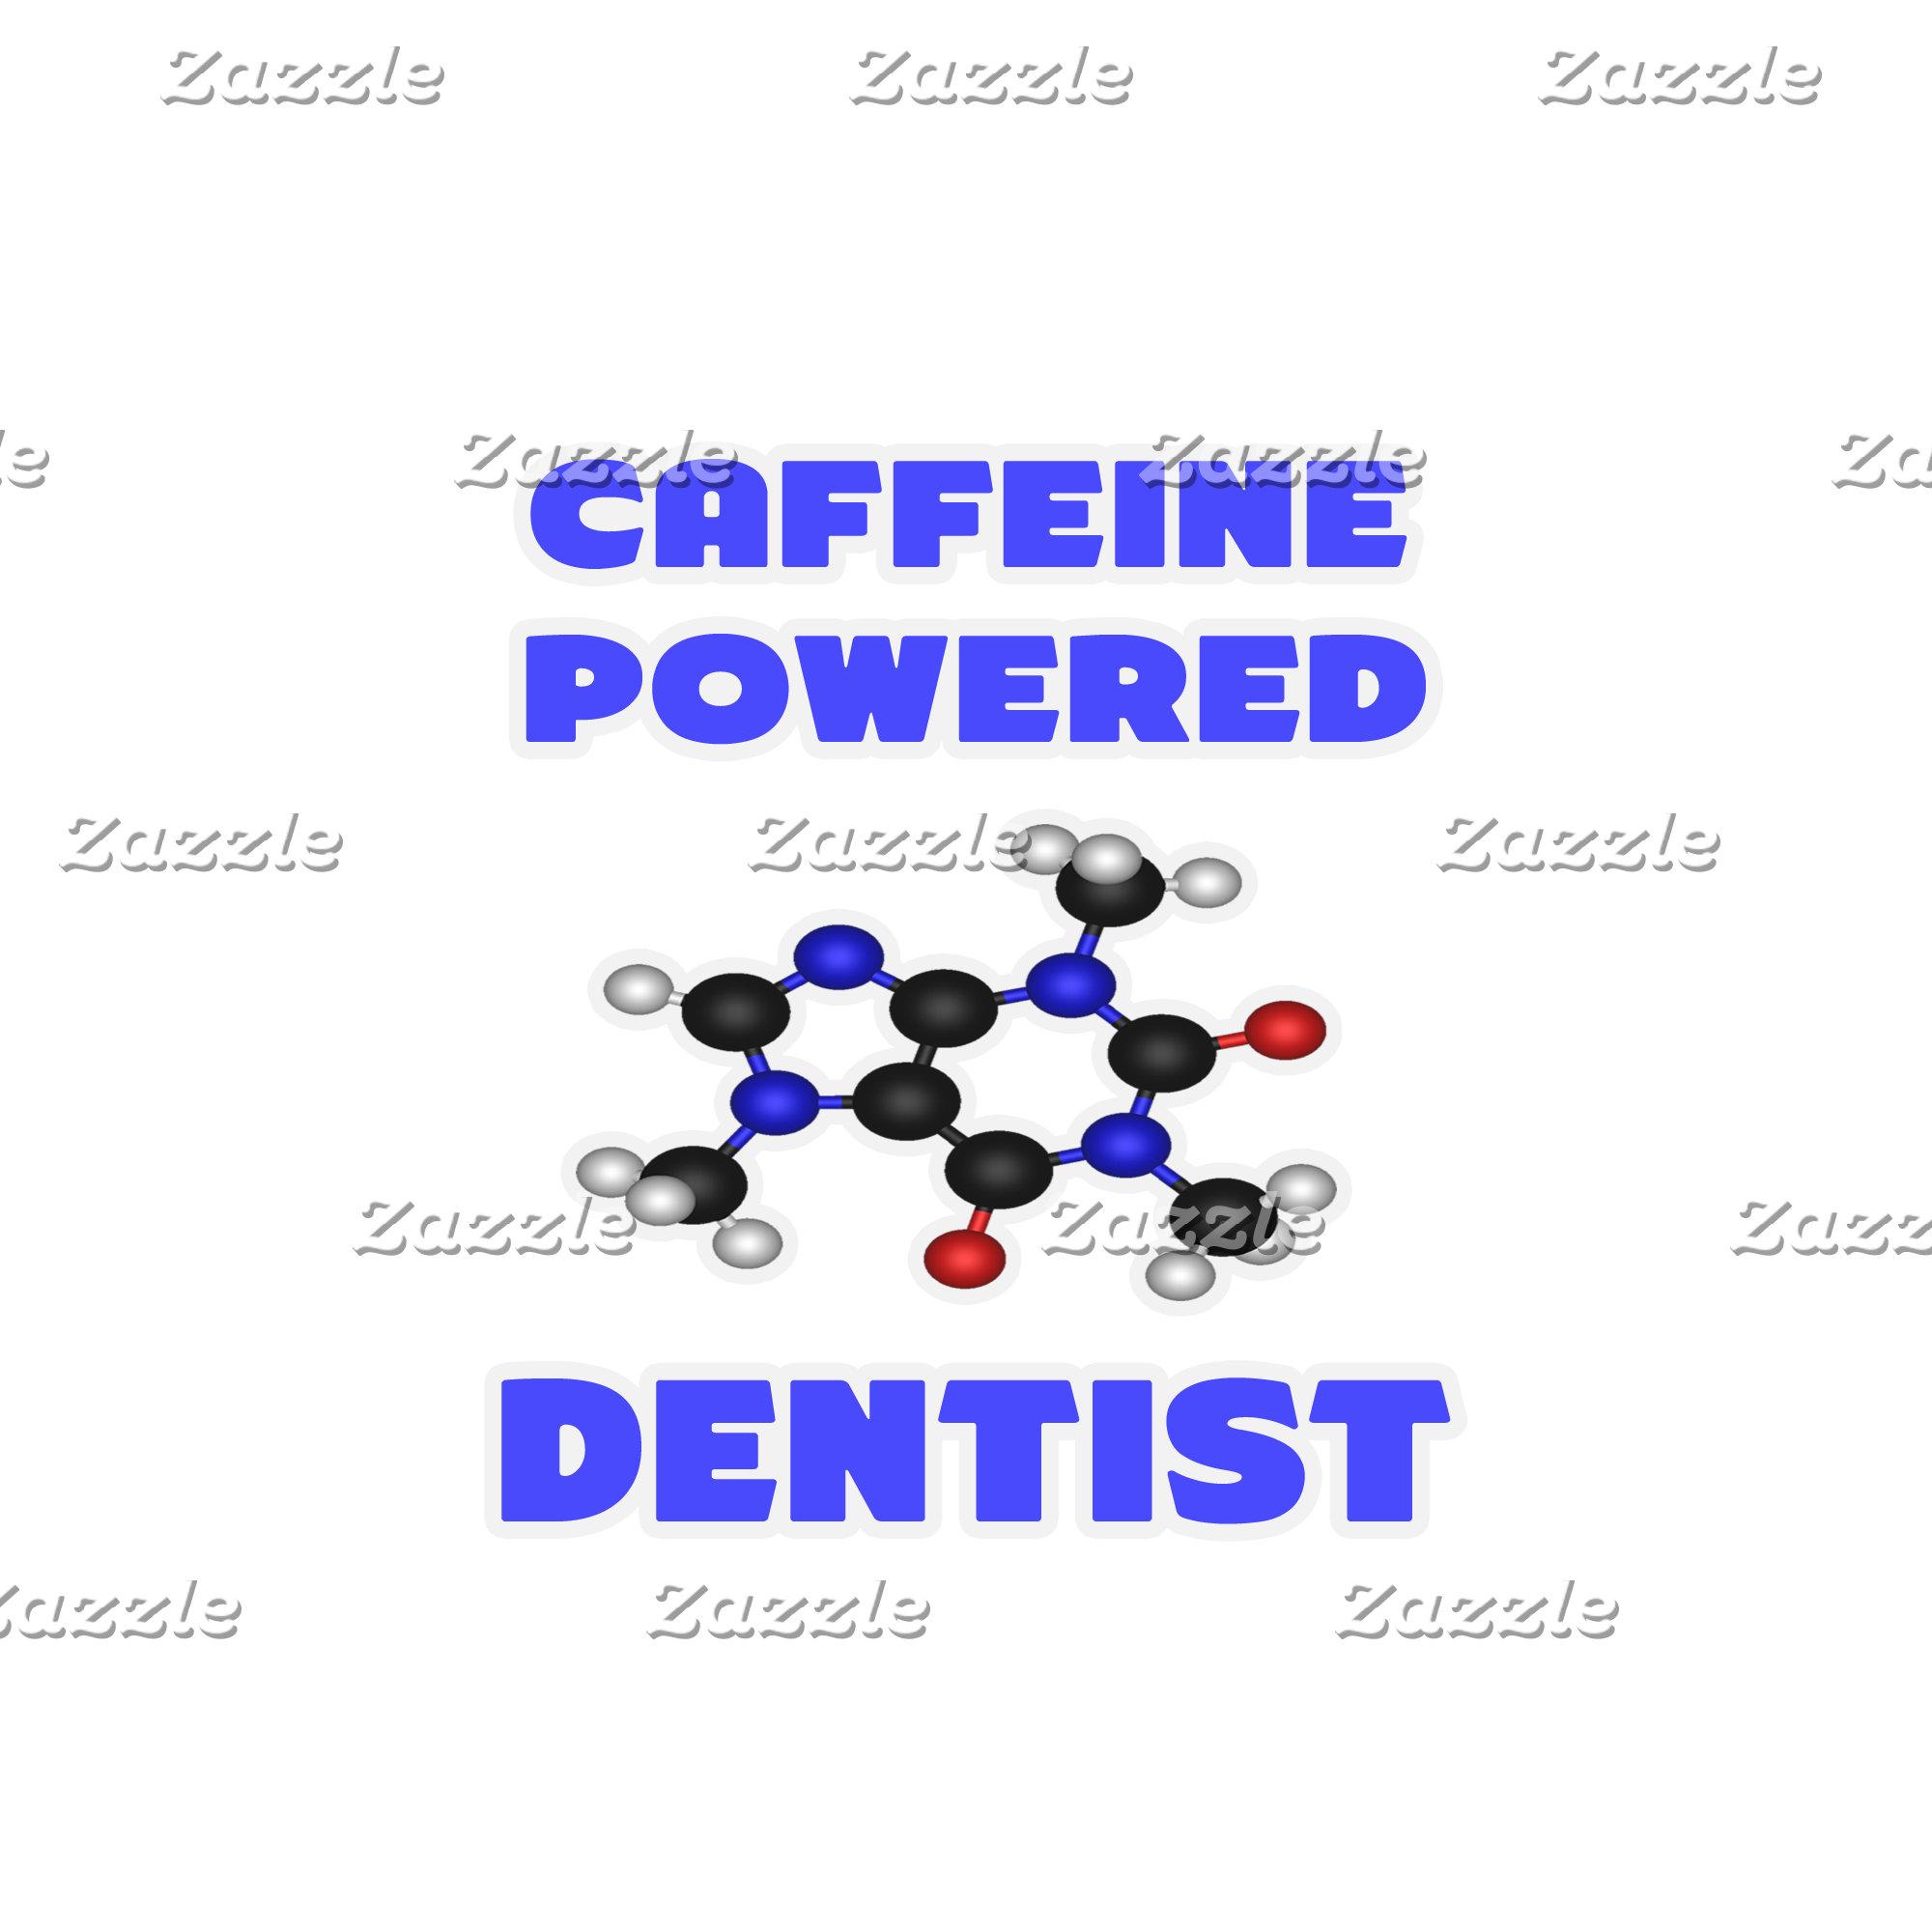 Caffeine Powered Dentist